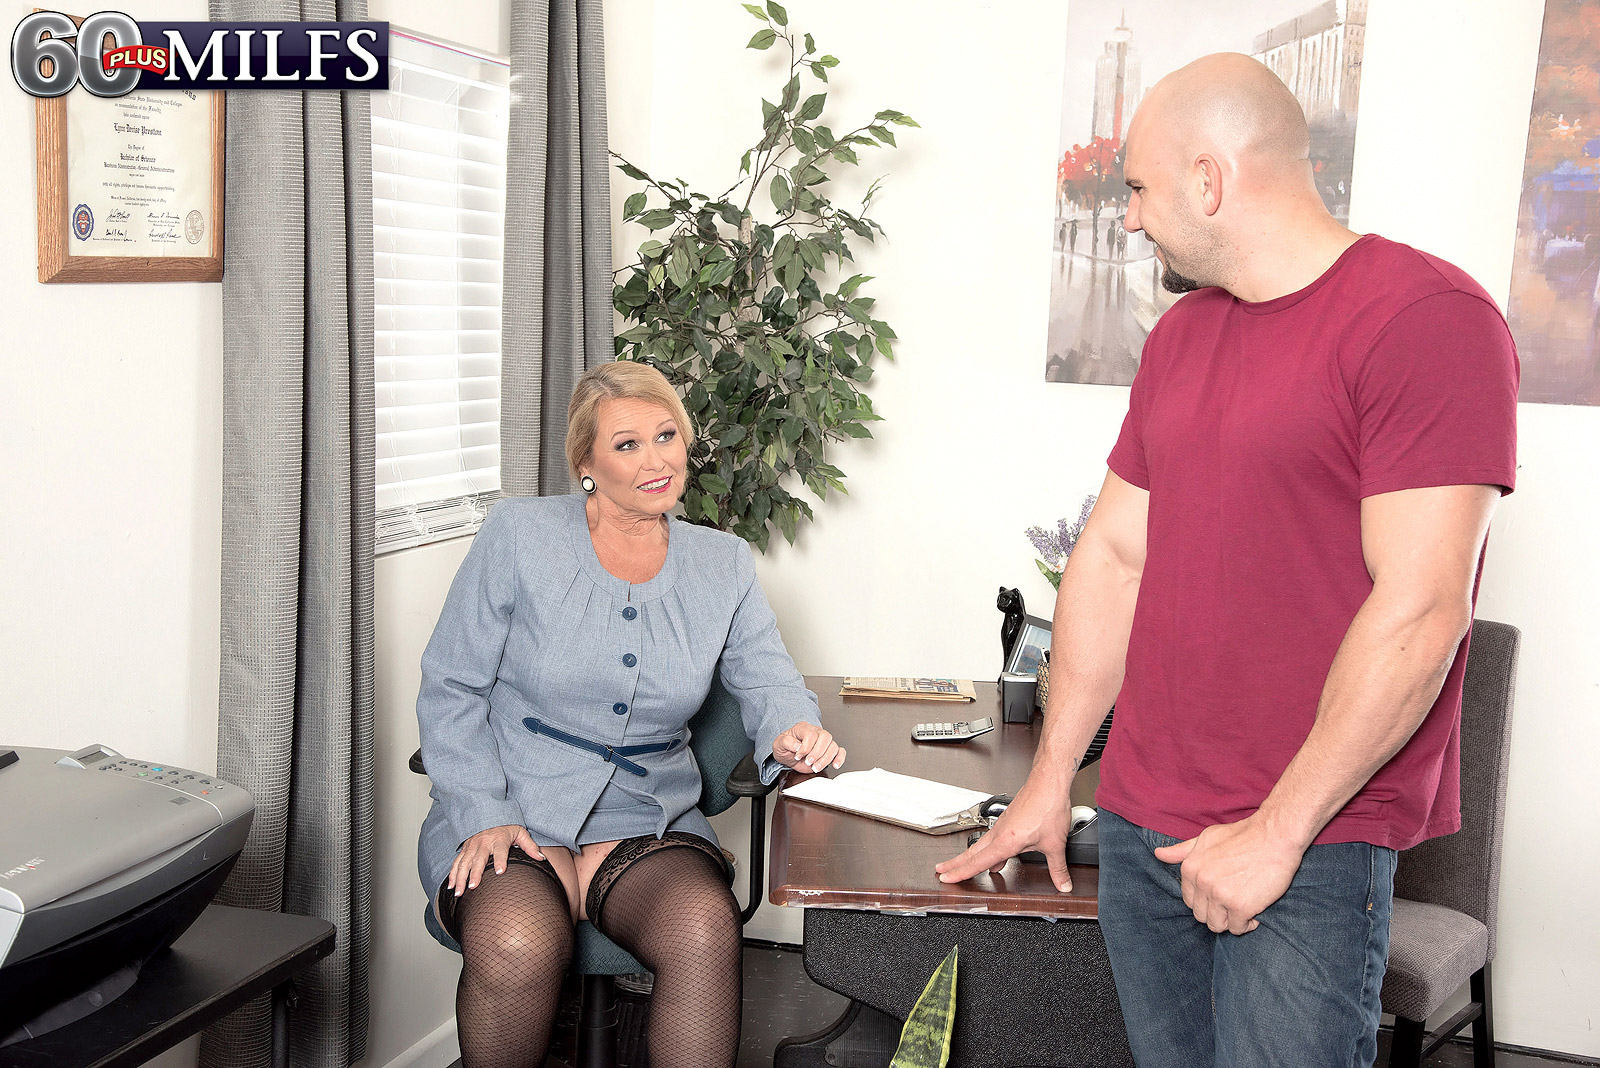 Баню мужем зрелая блондинка и молодой в душе ебутся приеме гинеколога мужчины